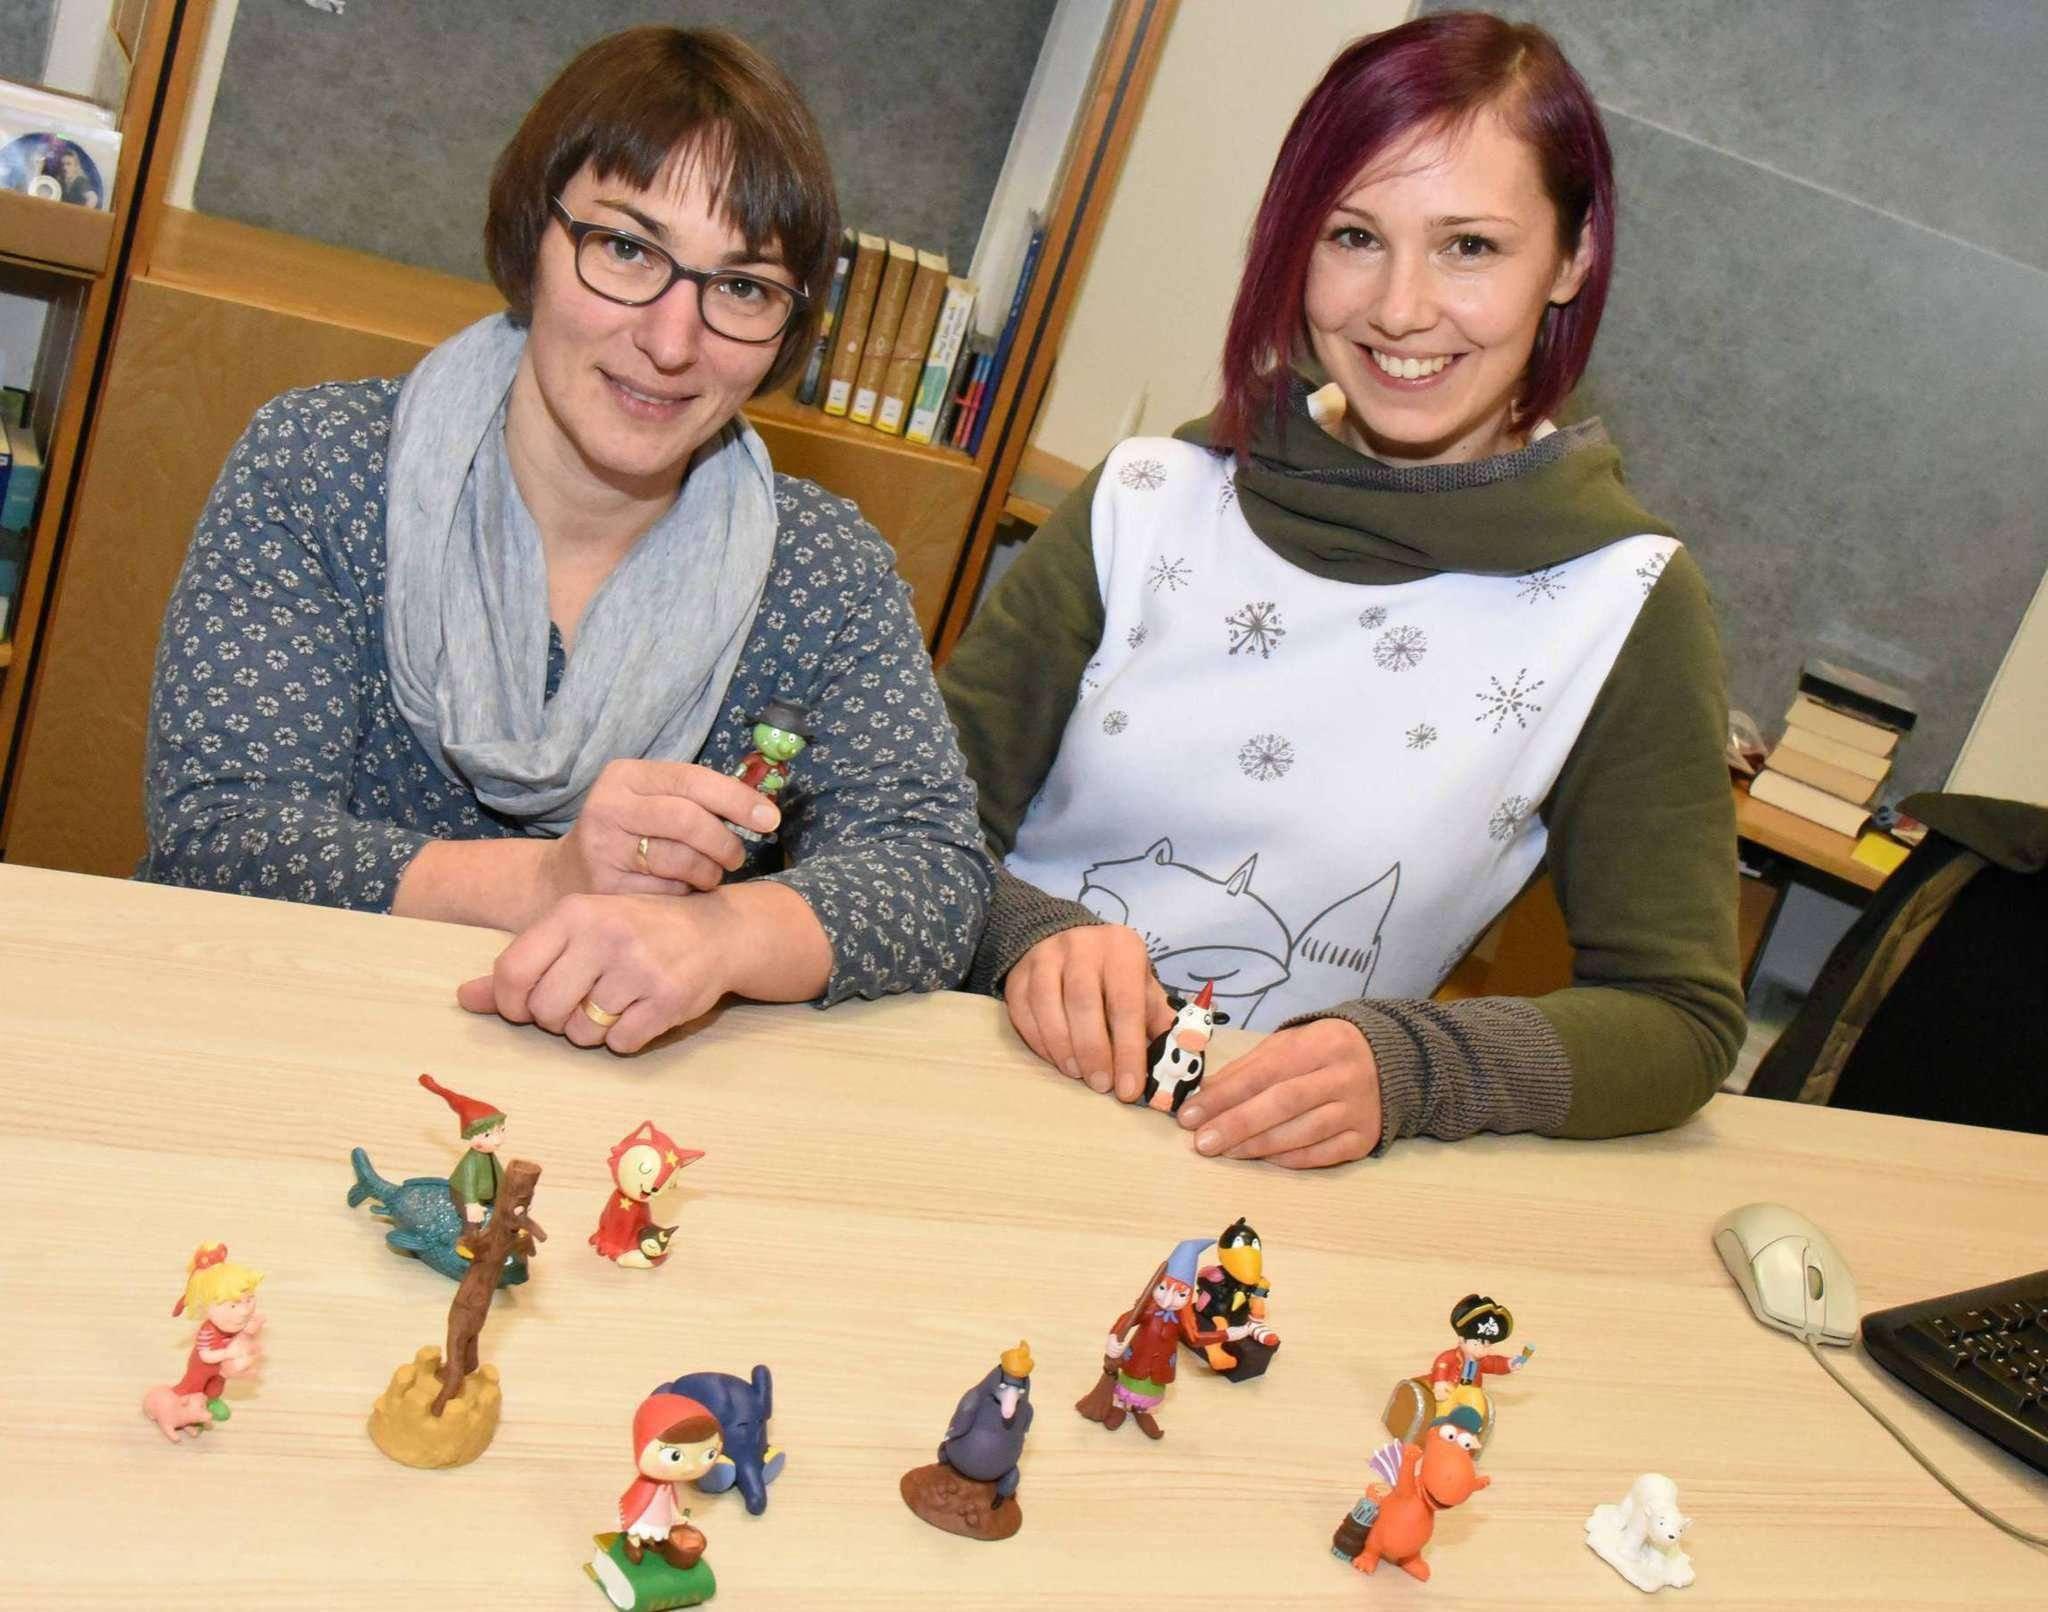 Vor zwei Jahren nahmen Anja Thiede (rechts) und Bianca Wunder noch die